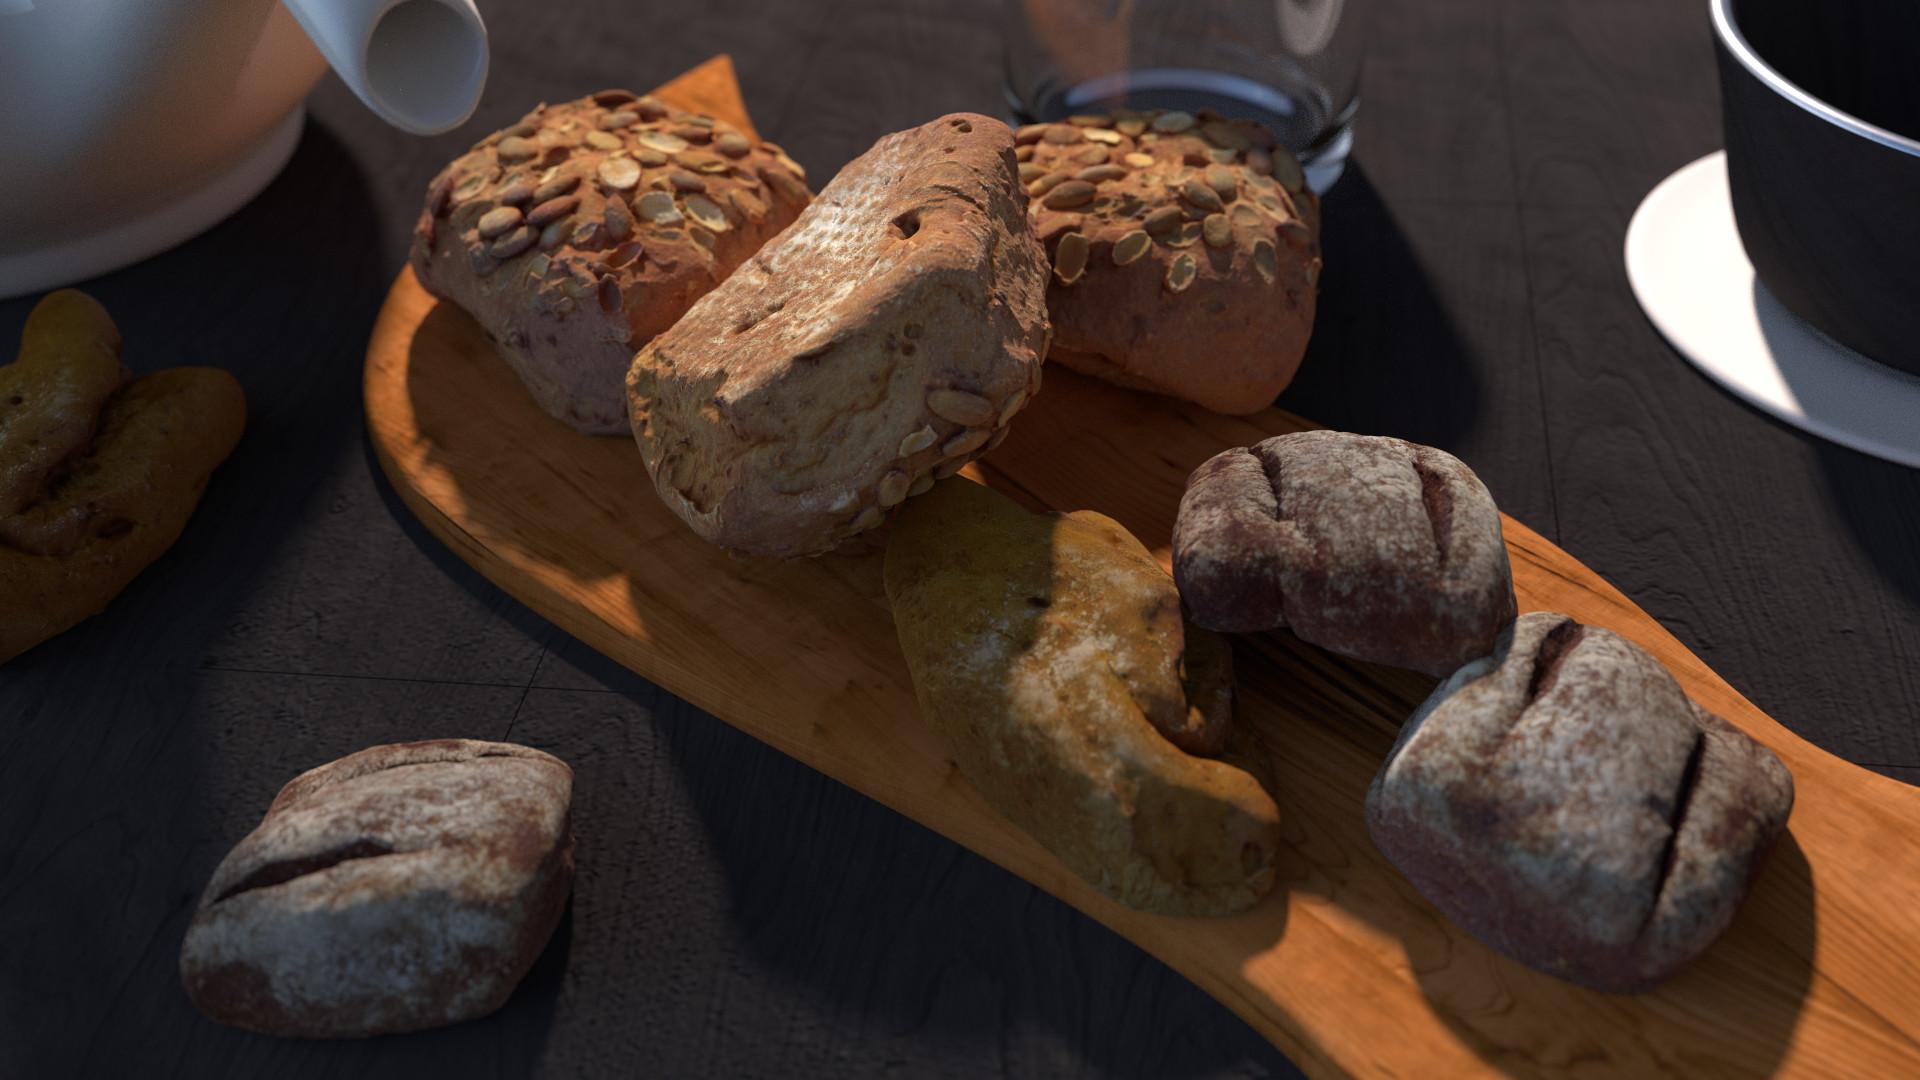 Sieben corgie bread 03